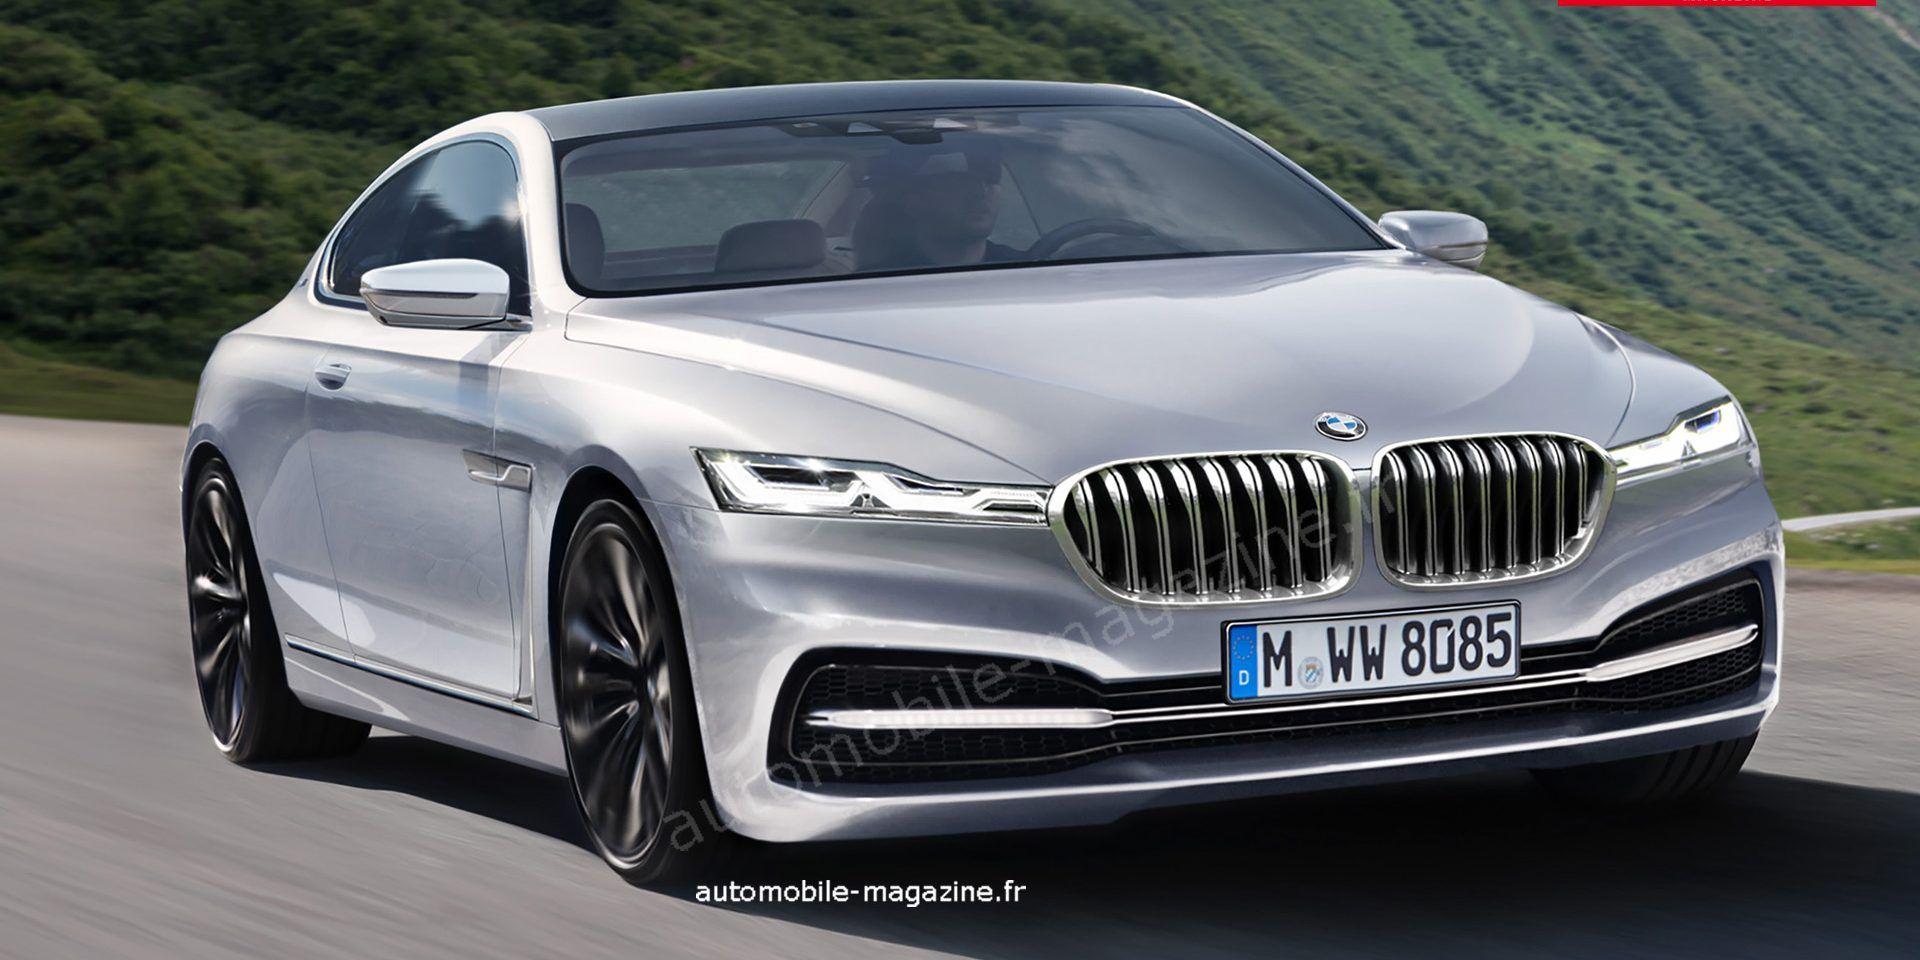 Bmw 8 Series Cabrio Render 2019 2020 Hoeden Motor Auto S